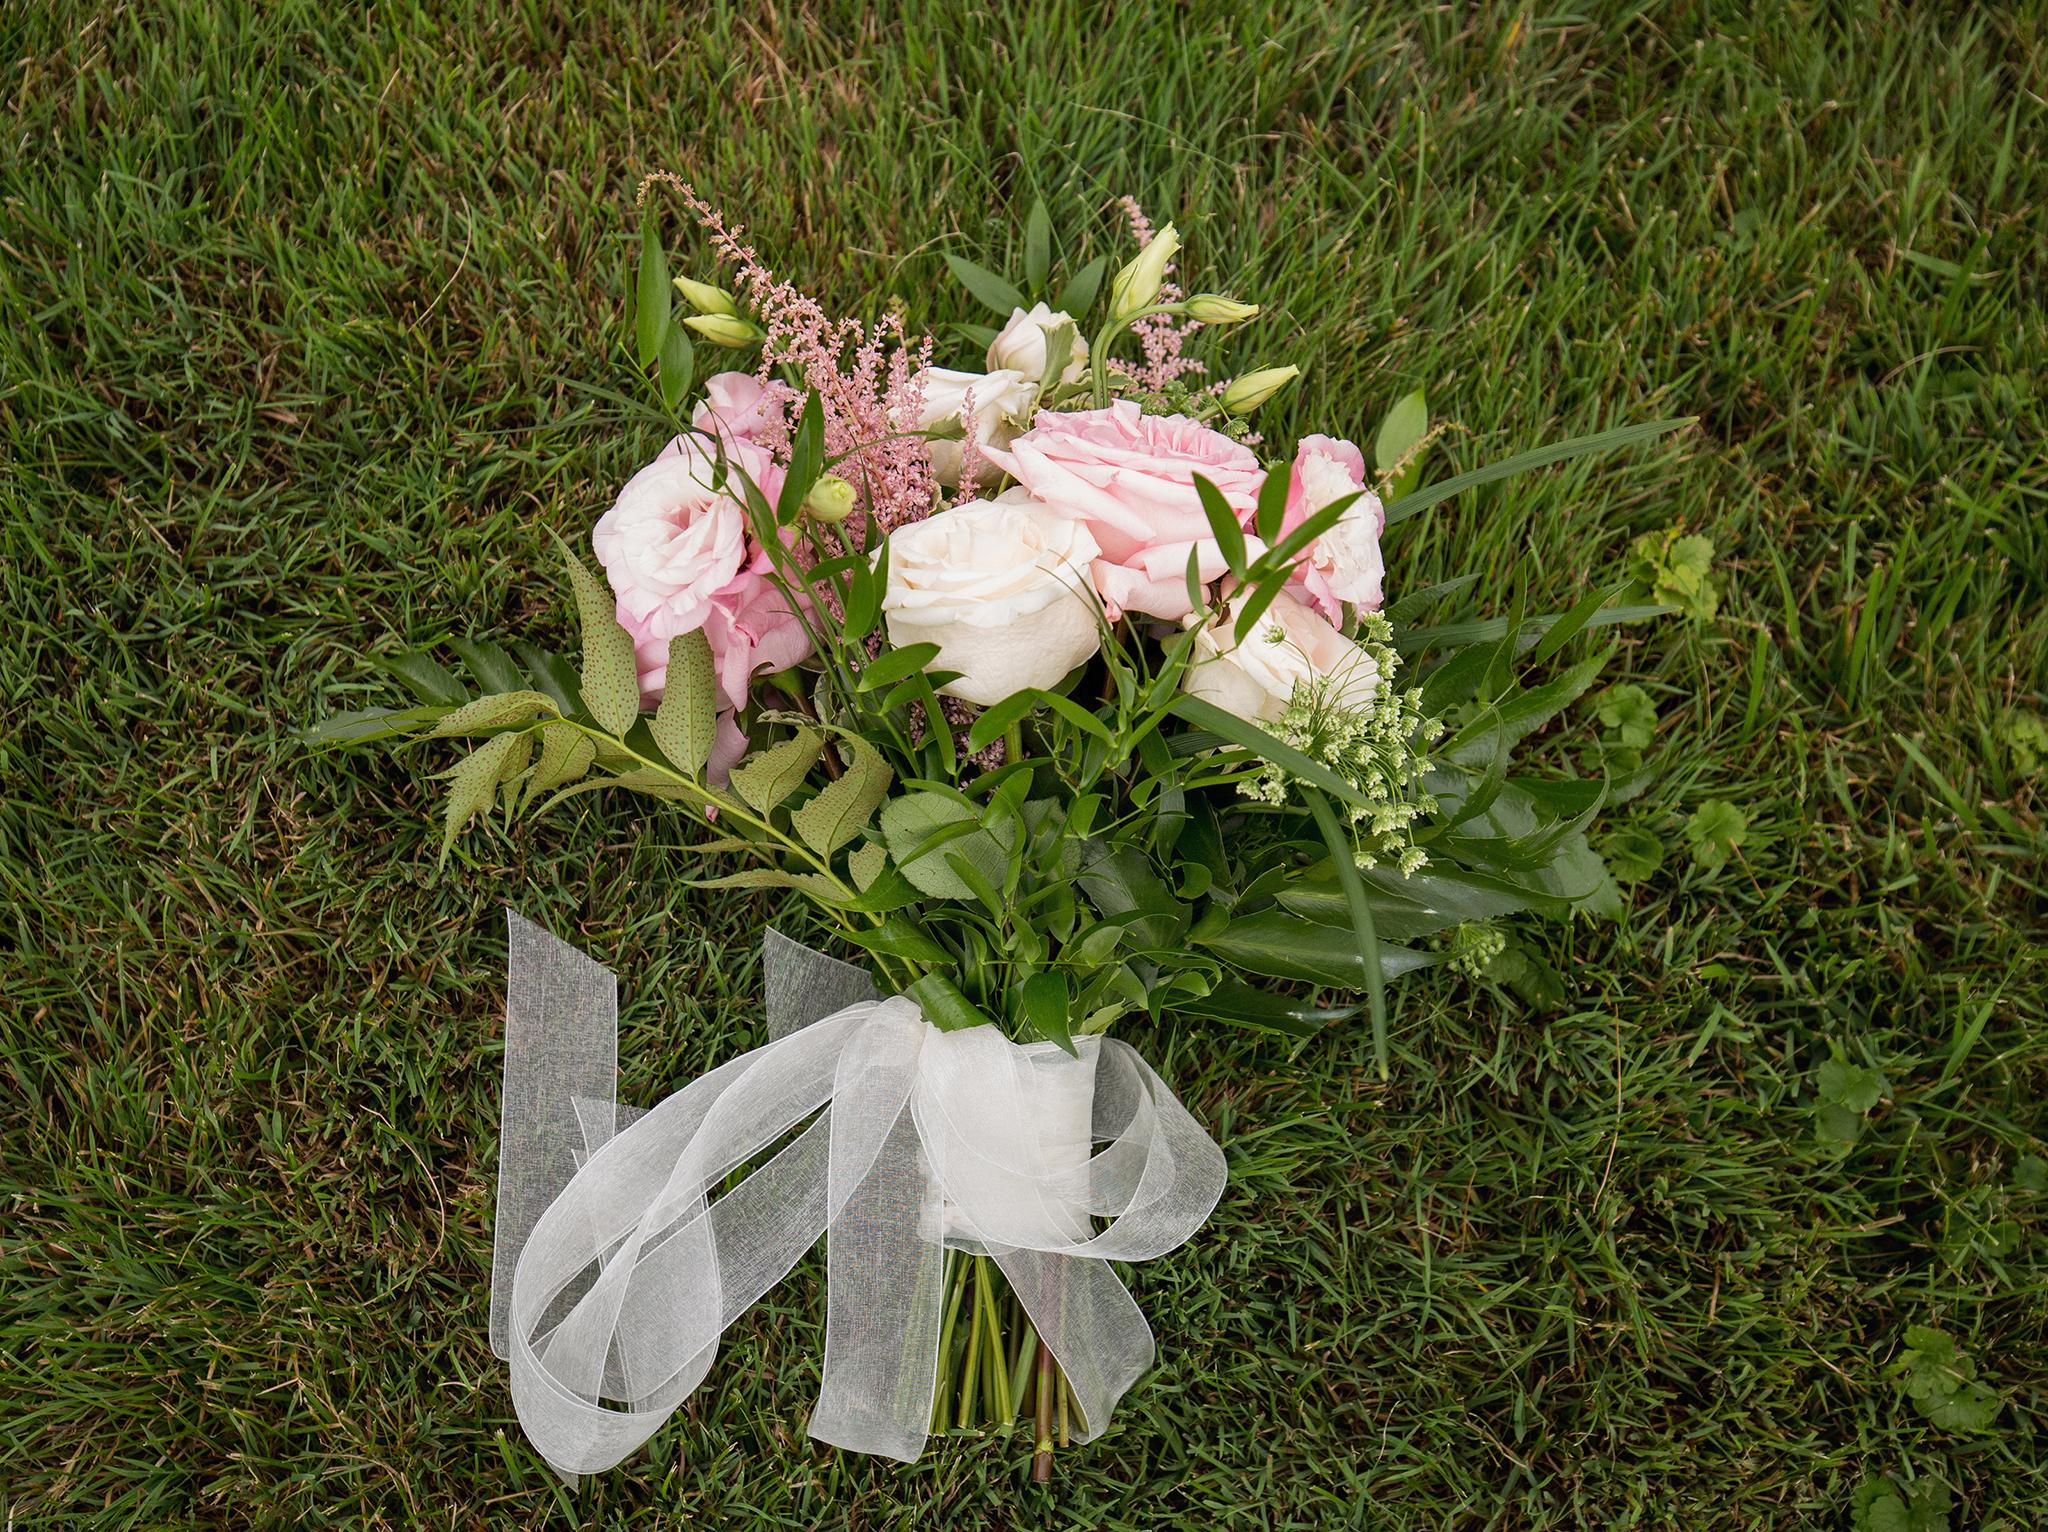 BerkshiresLakesideWedding_MichelleGirardPhotography12.jpg